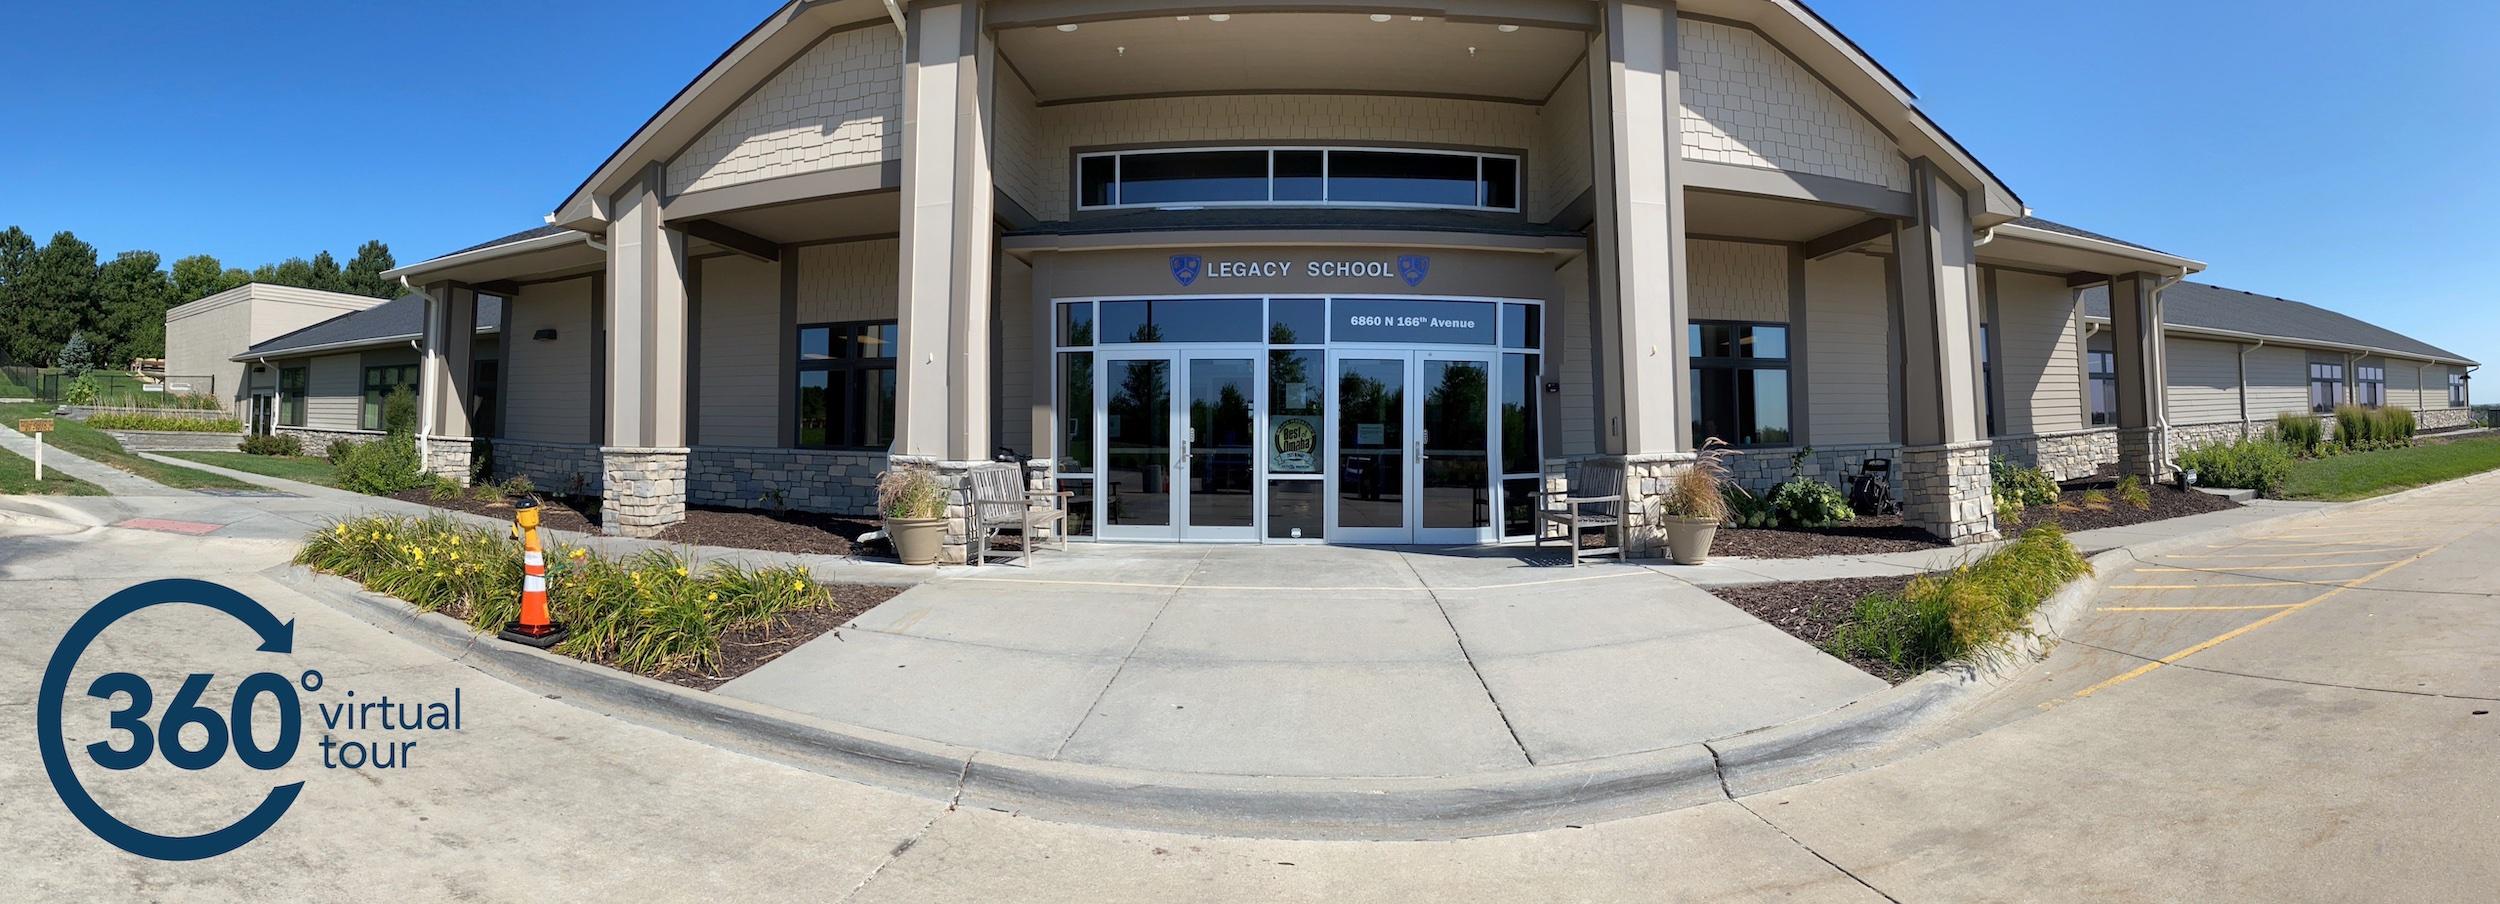 Take a 360° Virtual Tour